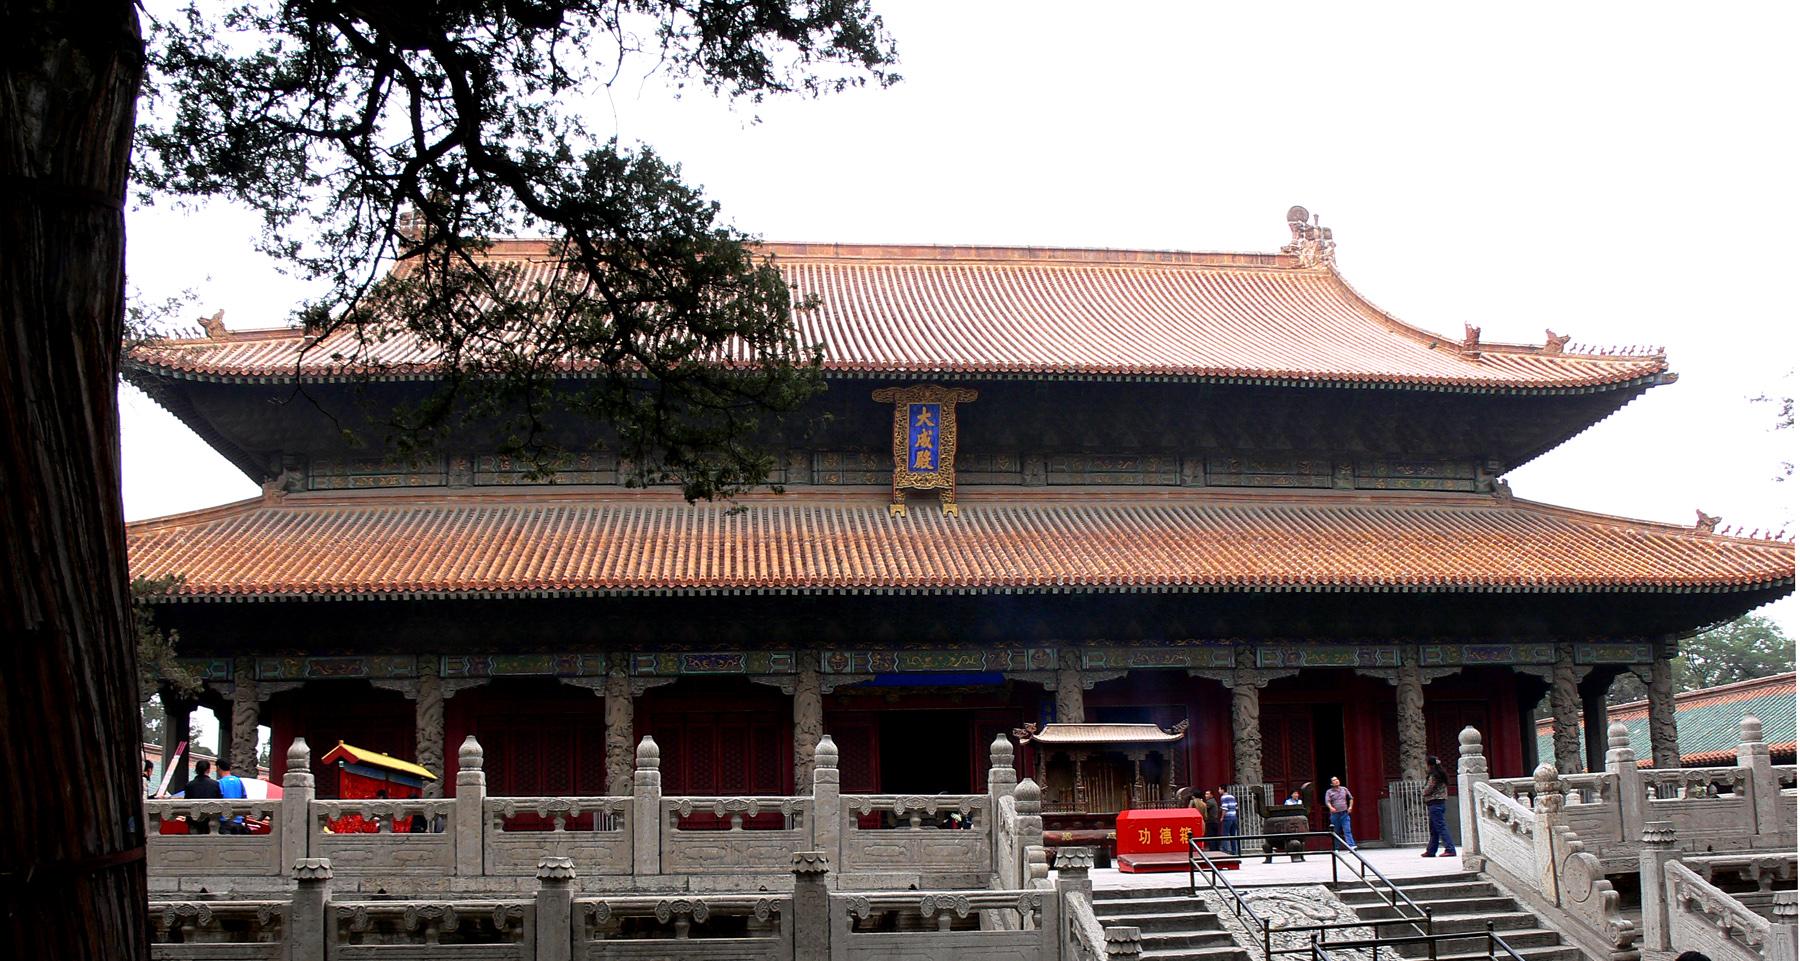 中国传统建筑文化旅游目的地(第一批、第二批) - wuwei1101 - 西花社